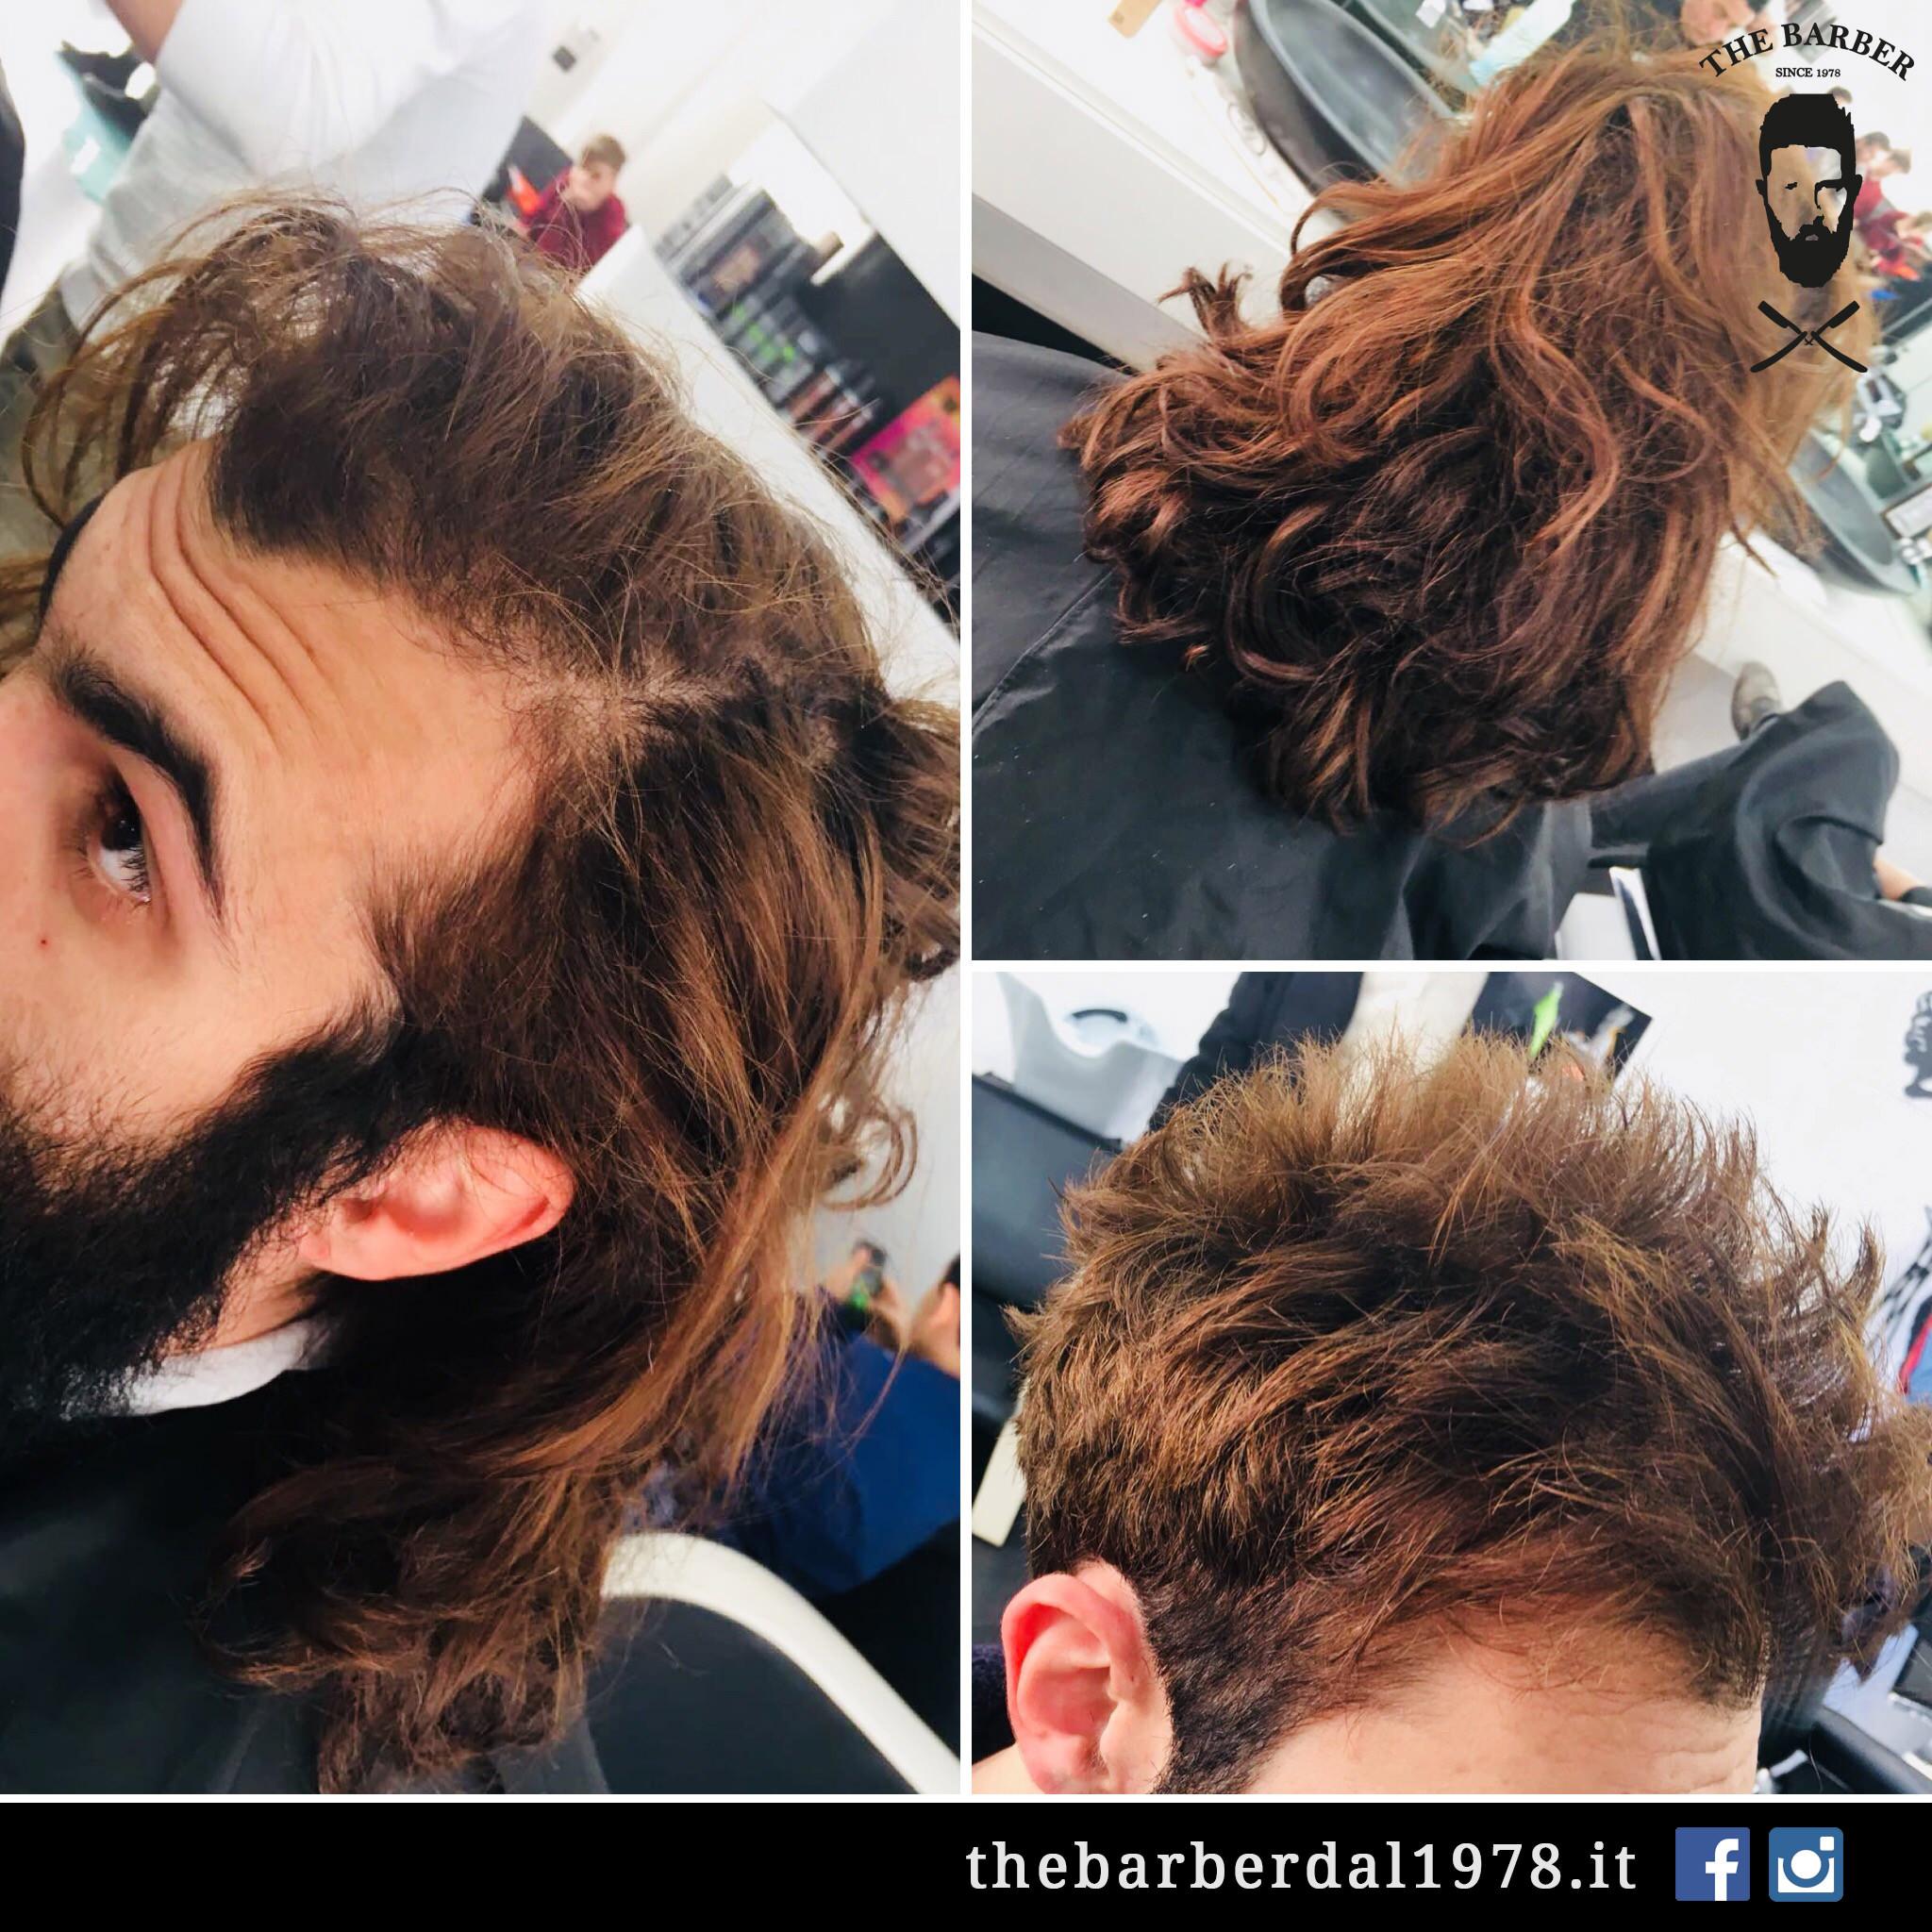 barbiere-parrucchiere-rossano-corigliano-cosenza-2-4